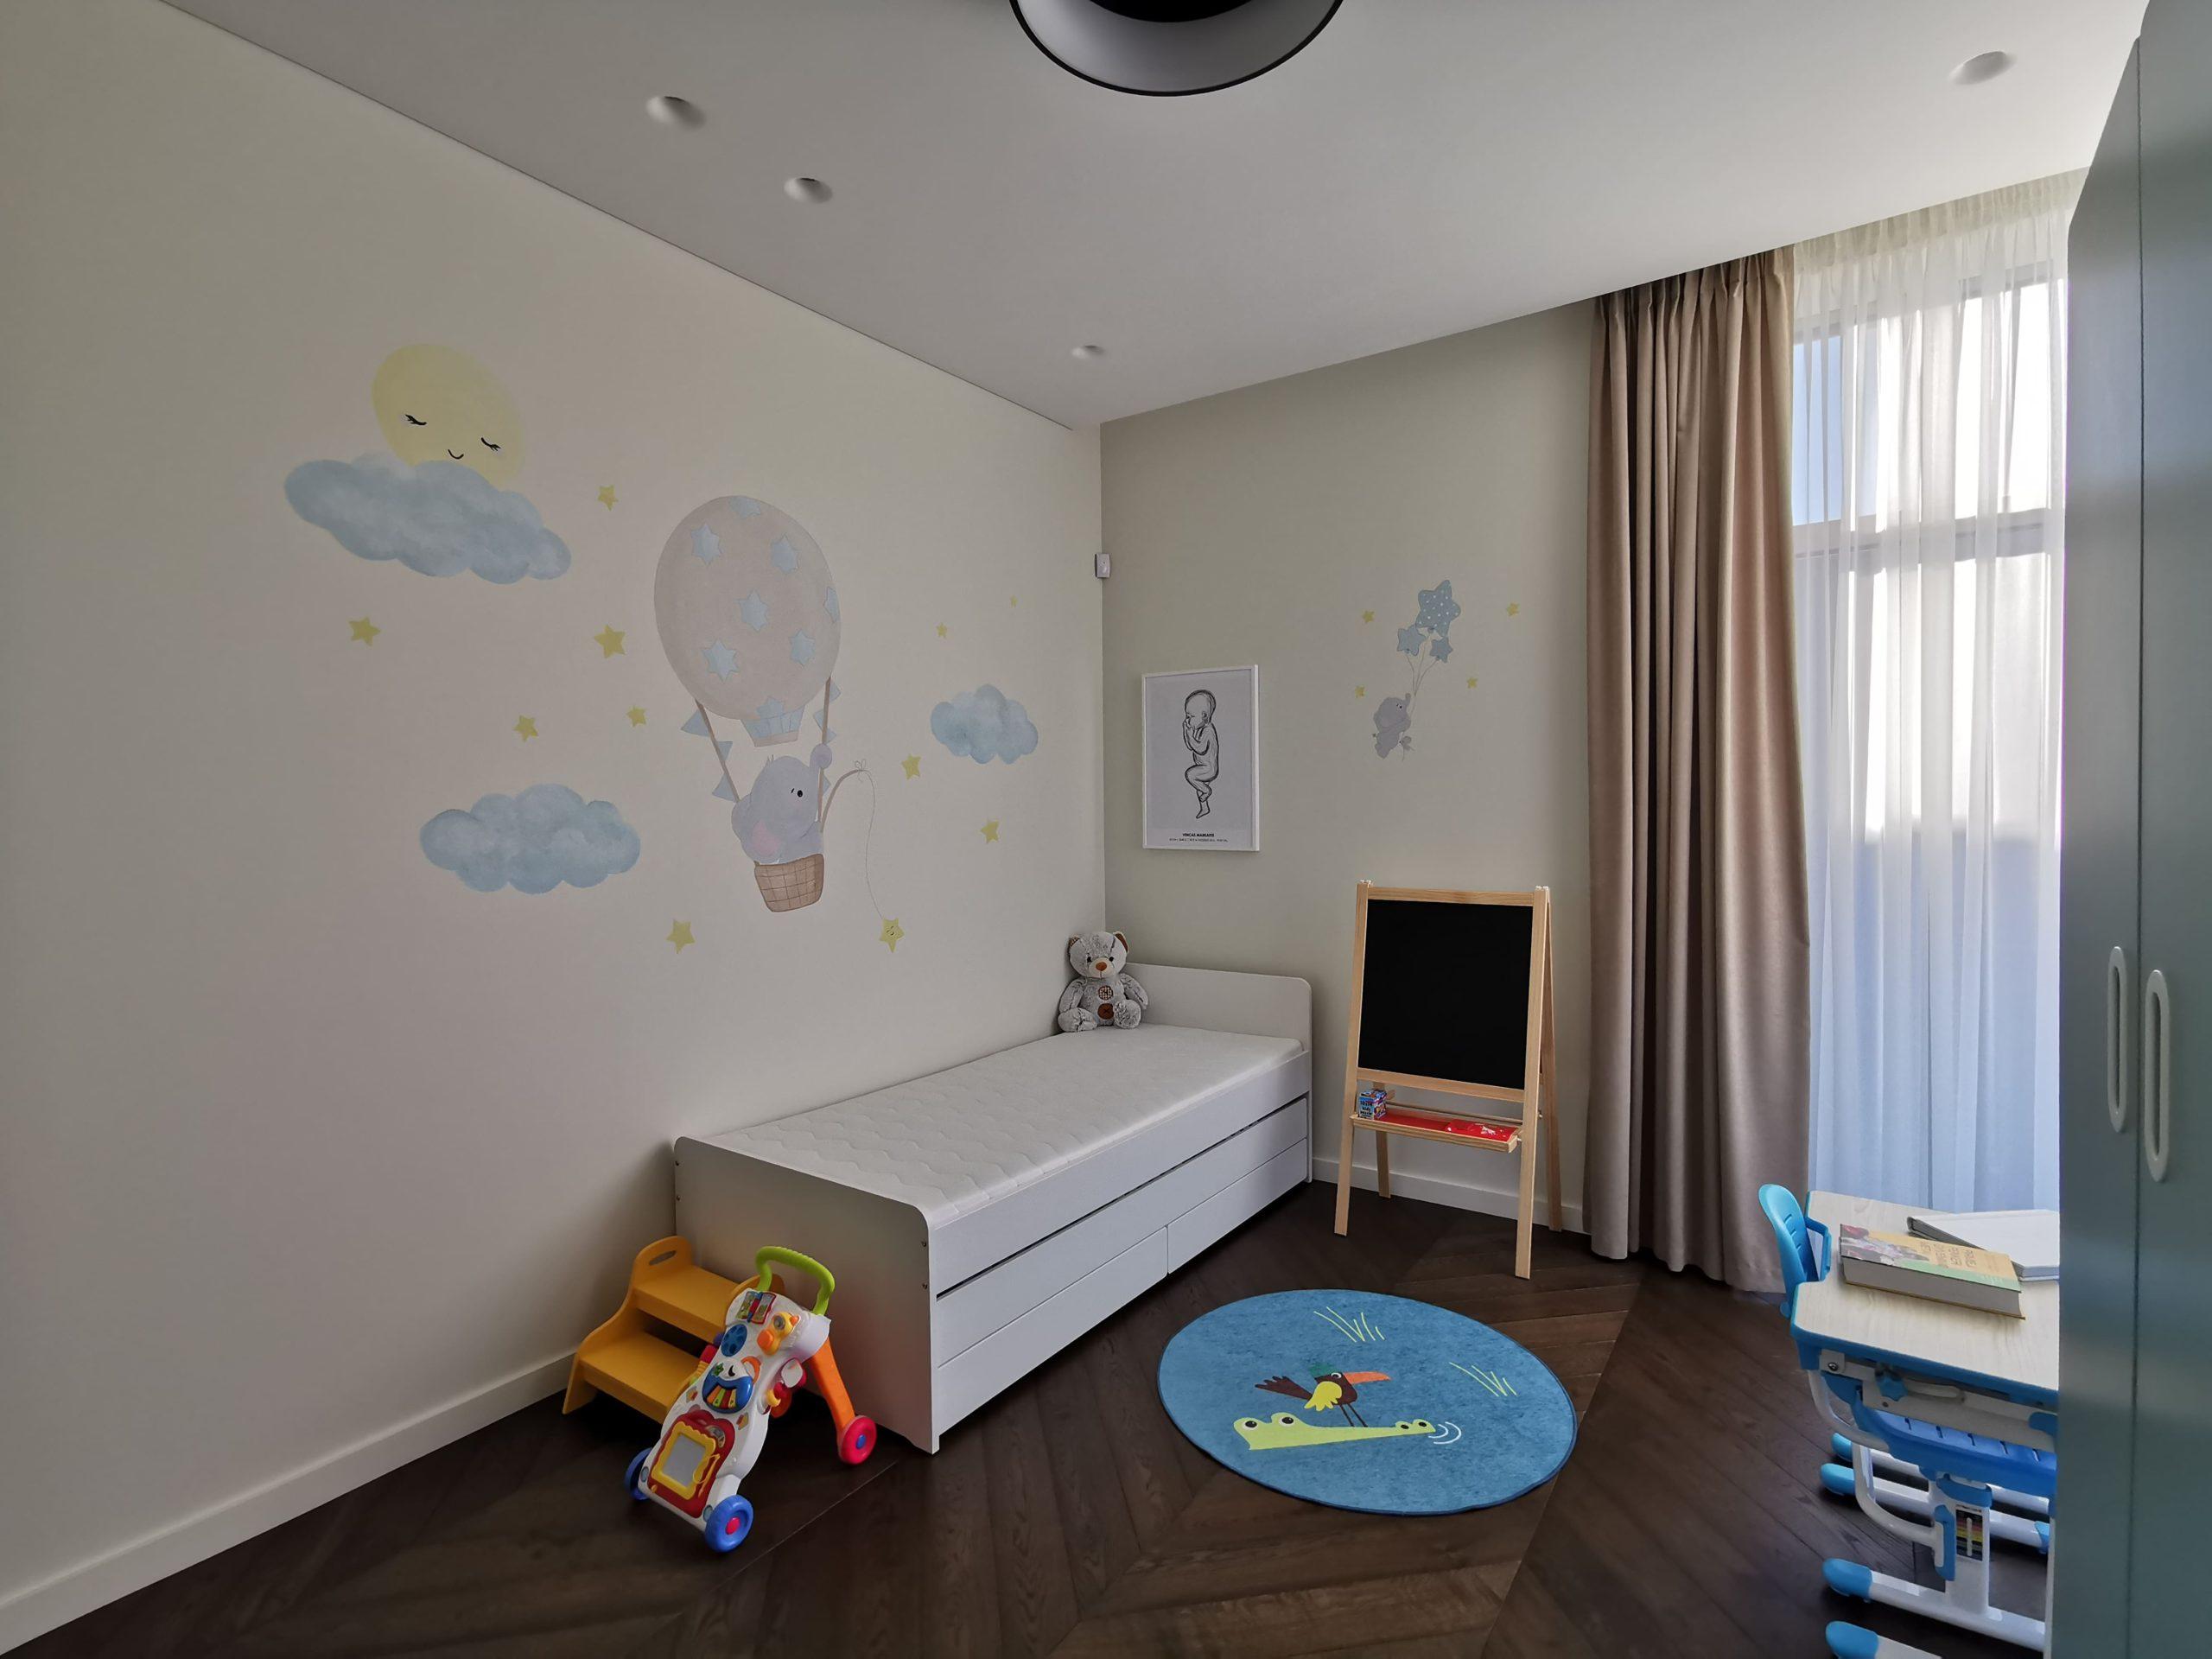 menine-kuryba-sienu-dekoravimas-vaiku-kambariai (22)